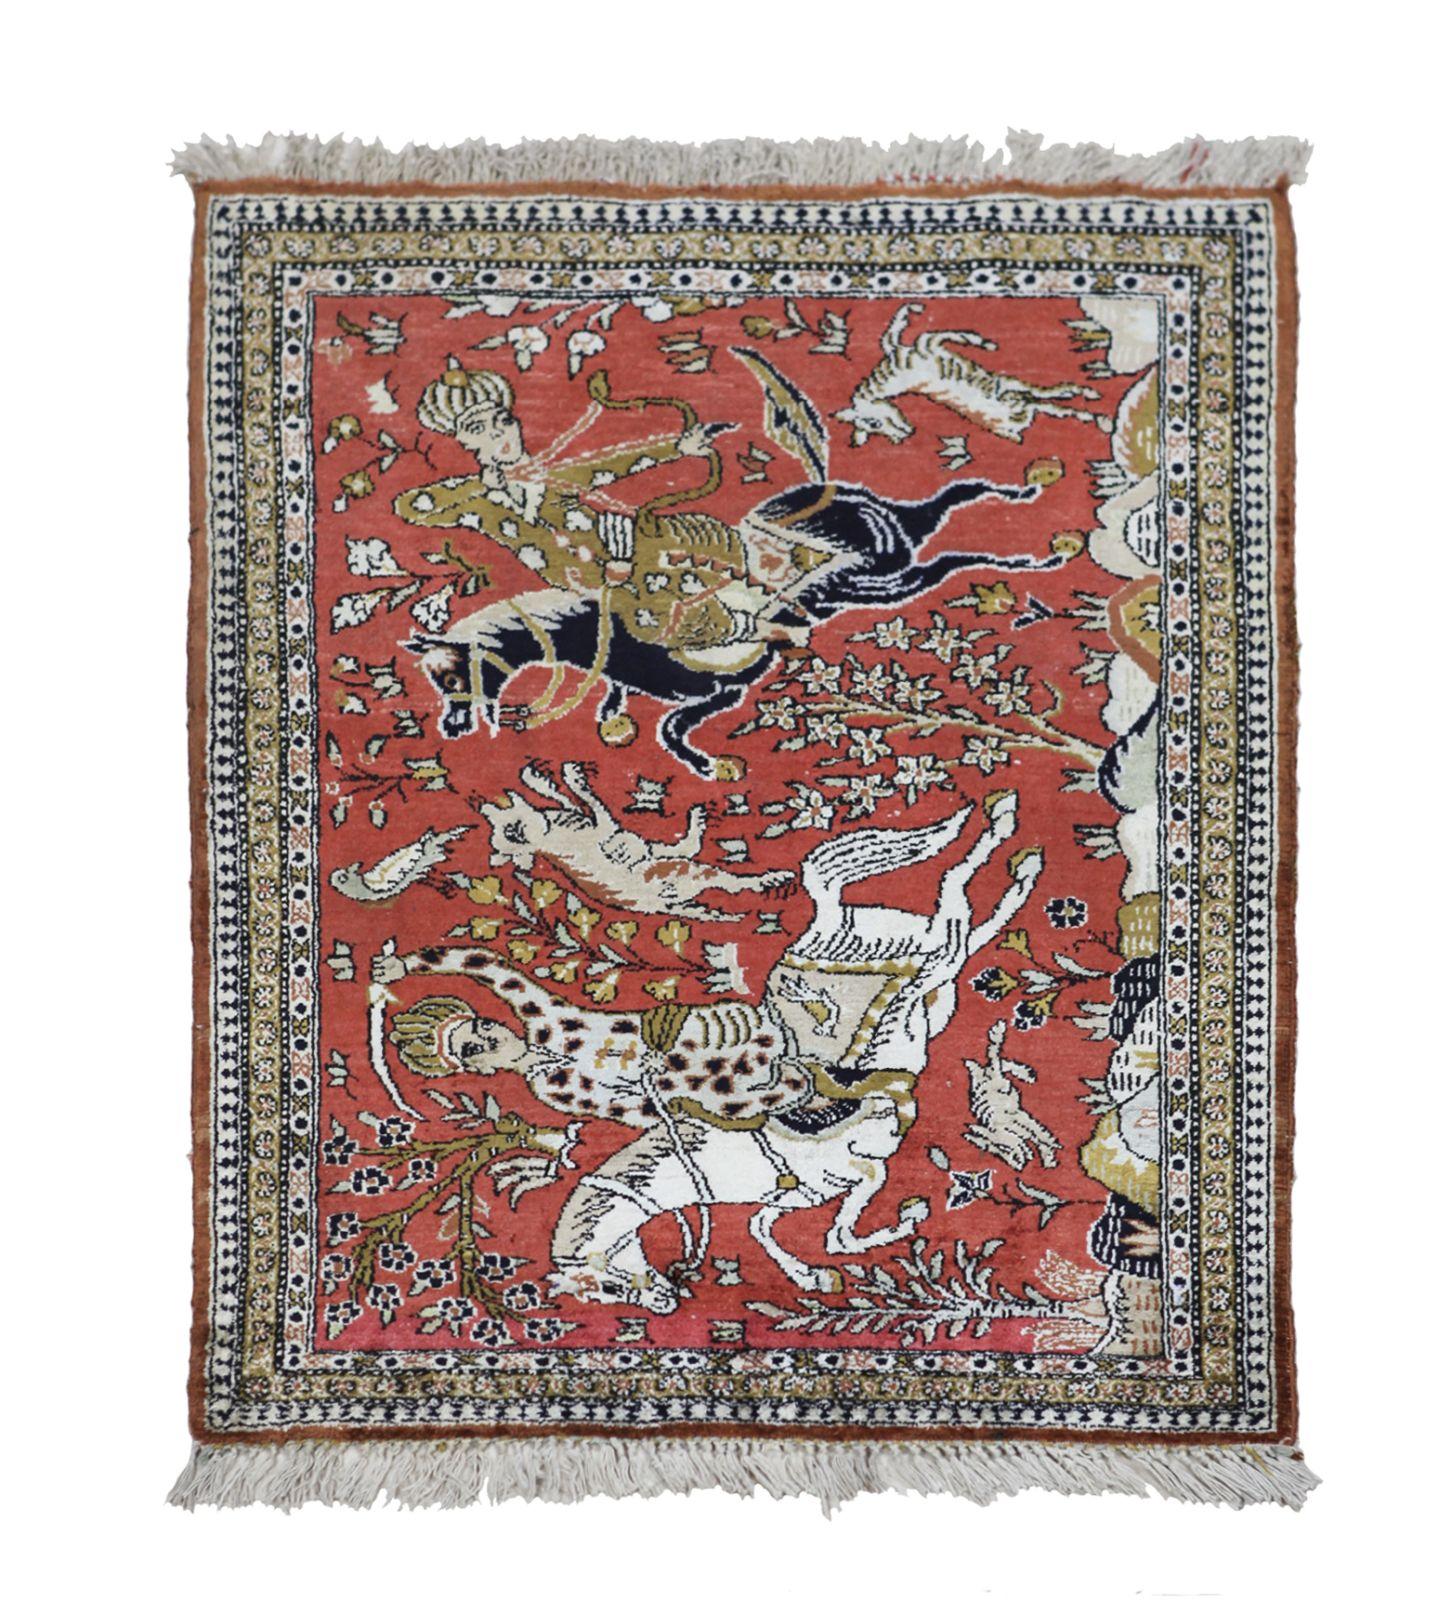 #89 Rider carpet | Reiter-Teppich Image